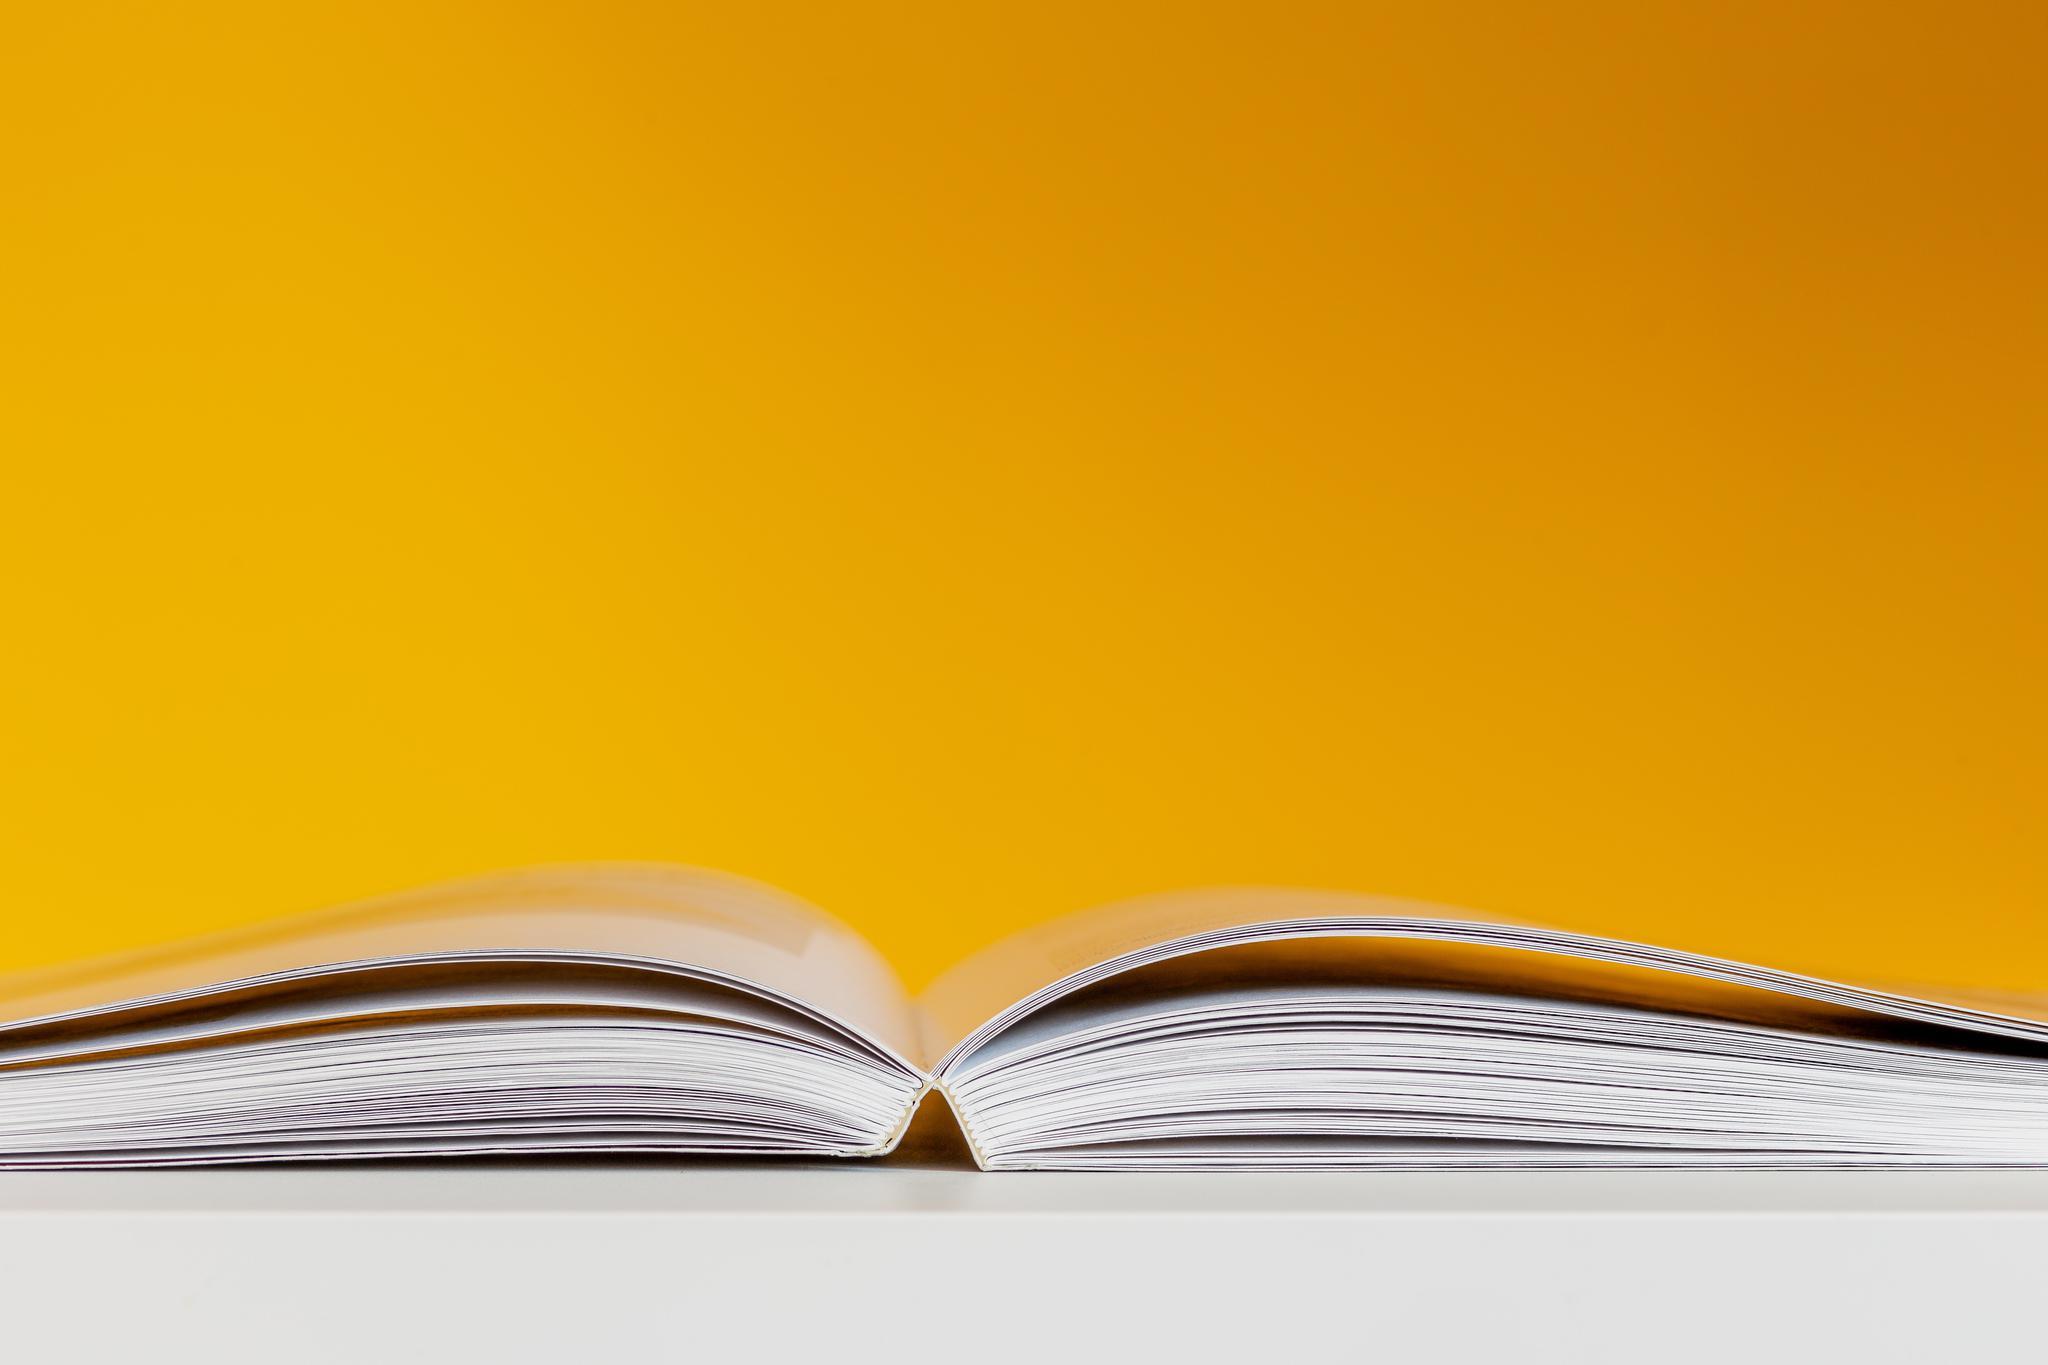 东北师范大学文学院22考研专业目录有所调整,复习方向要把握